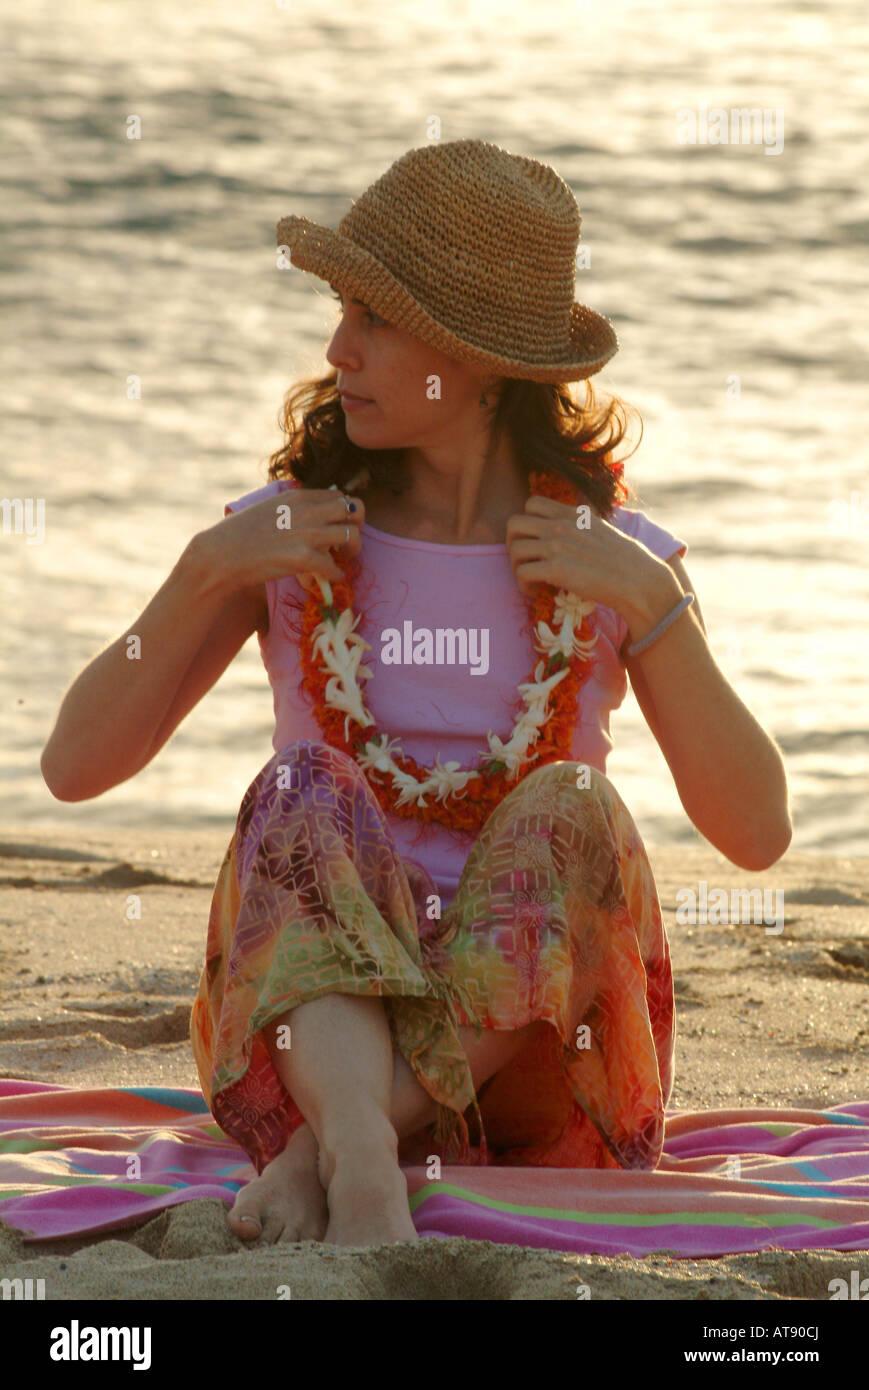 Mujer de principios thirtys de vacaciones en Hawaii, en la playa vistiendo flor leis y un sombrero cerca del atardecer Foto de stock